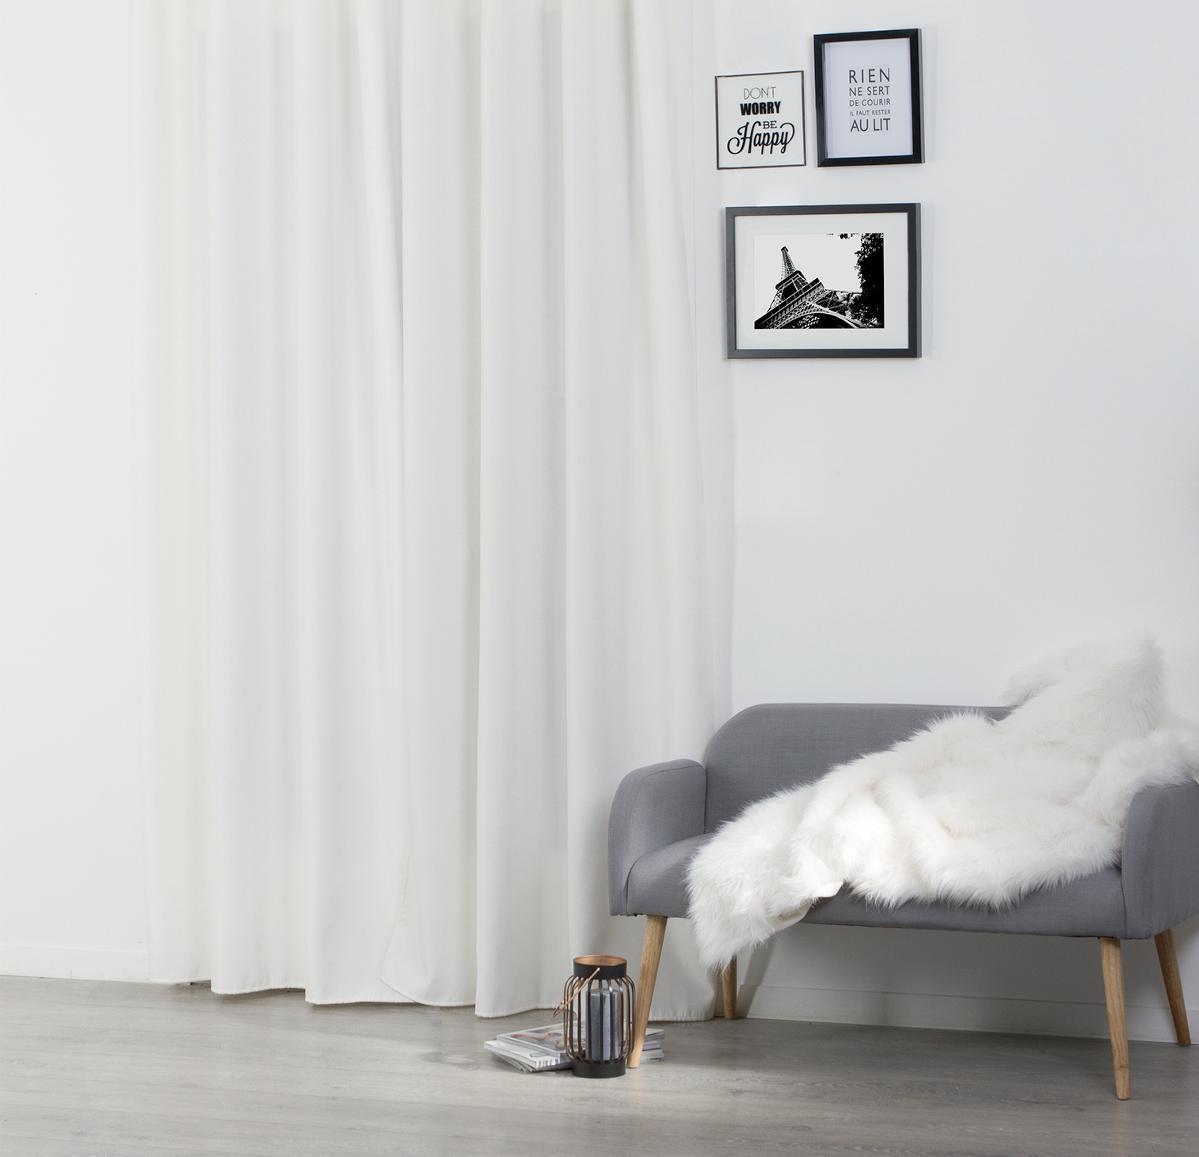 rideau isolant uni oeillets ivoire noir rouge taupe gris homemaison vente en. Black Bedroom Furniture Sets. Home Design Ideas